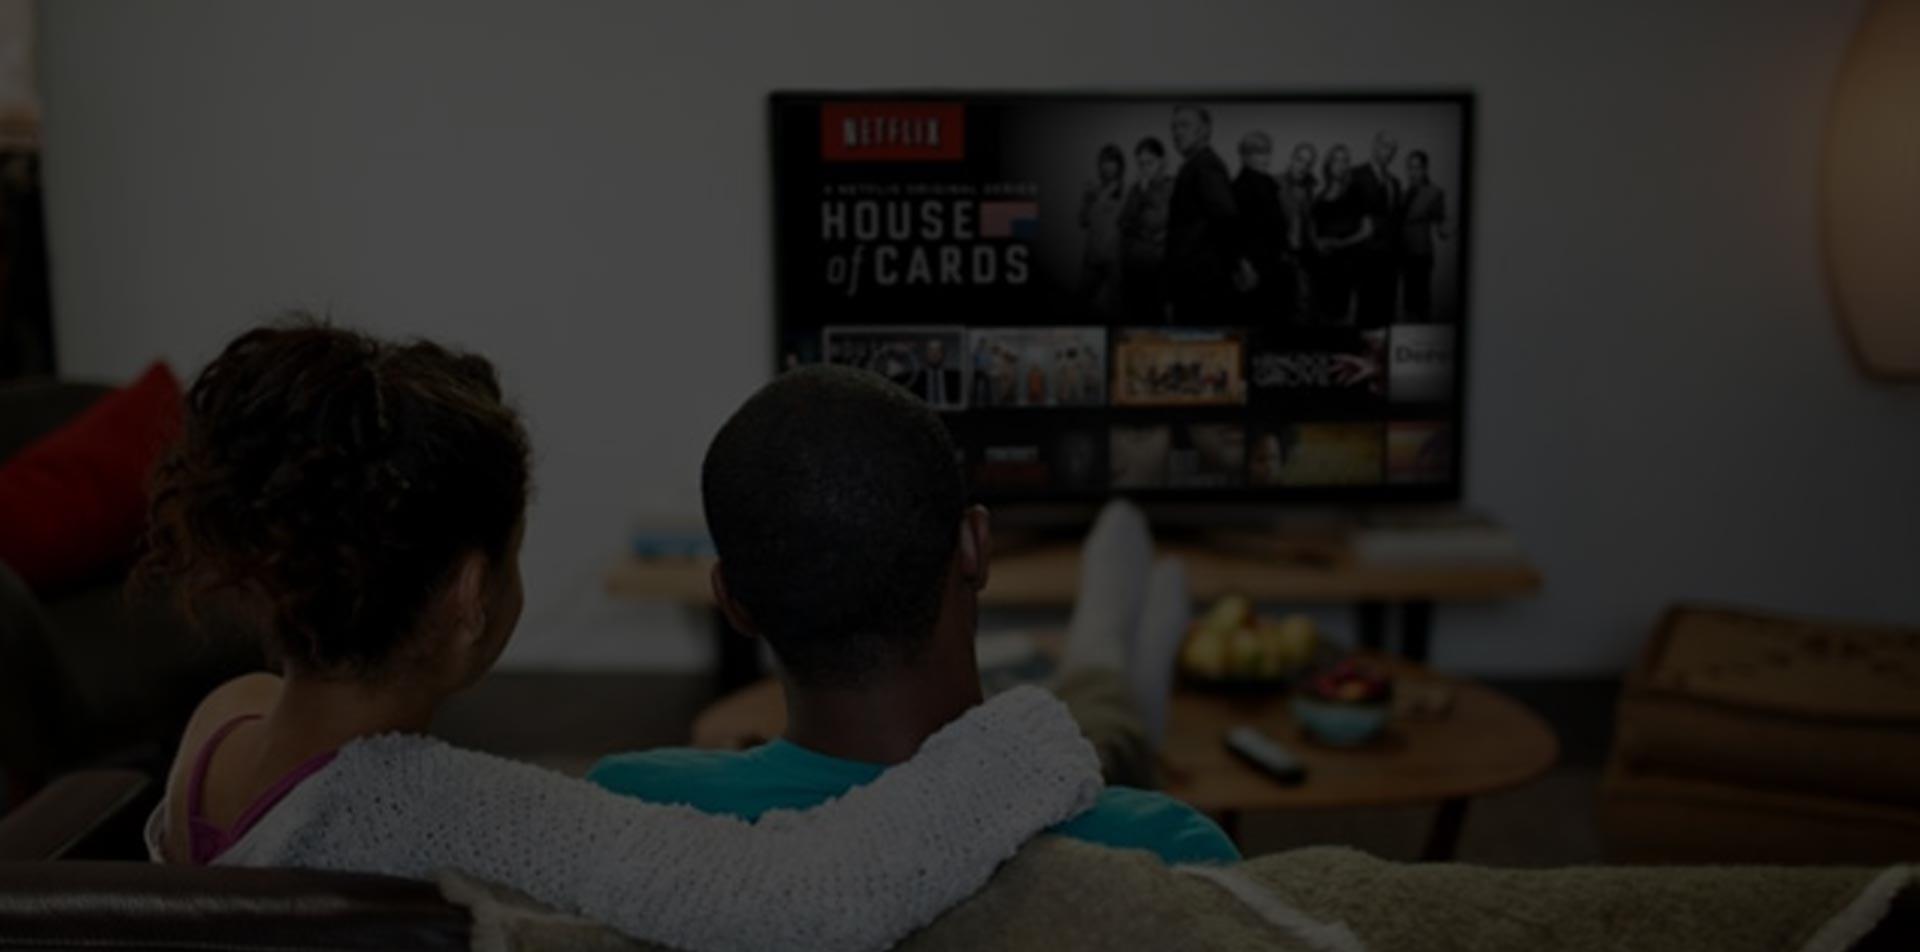 مشکلات با تعمیر تلویزیون SHARP